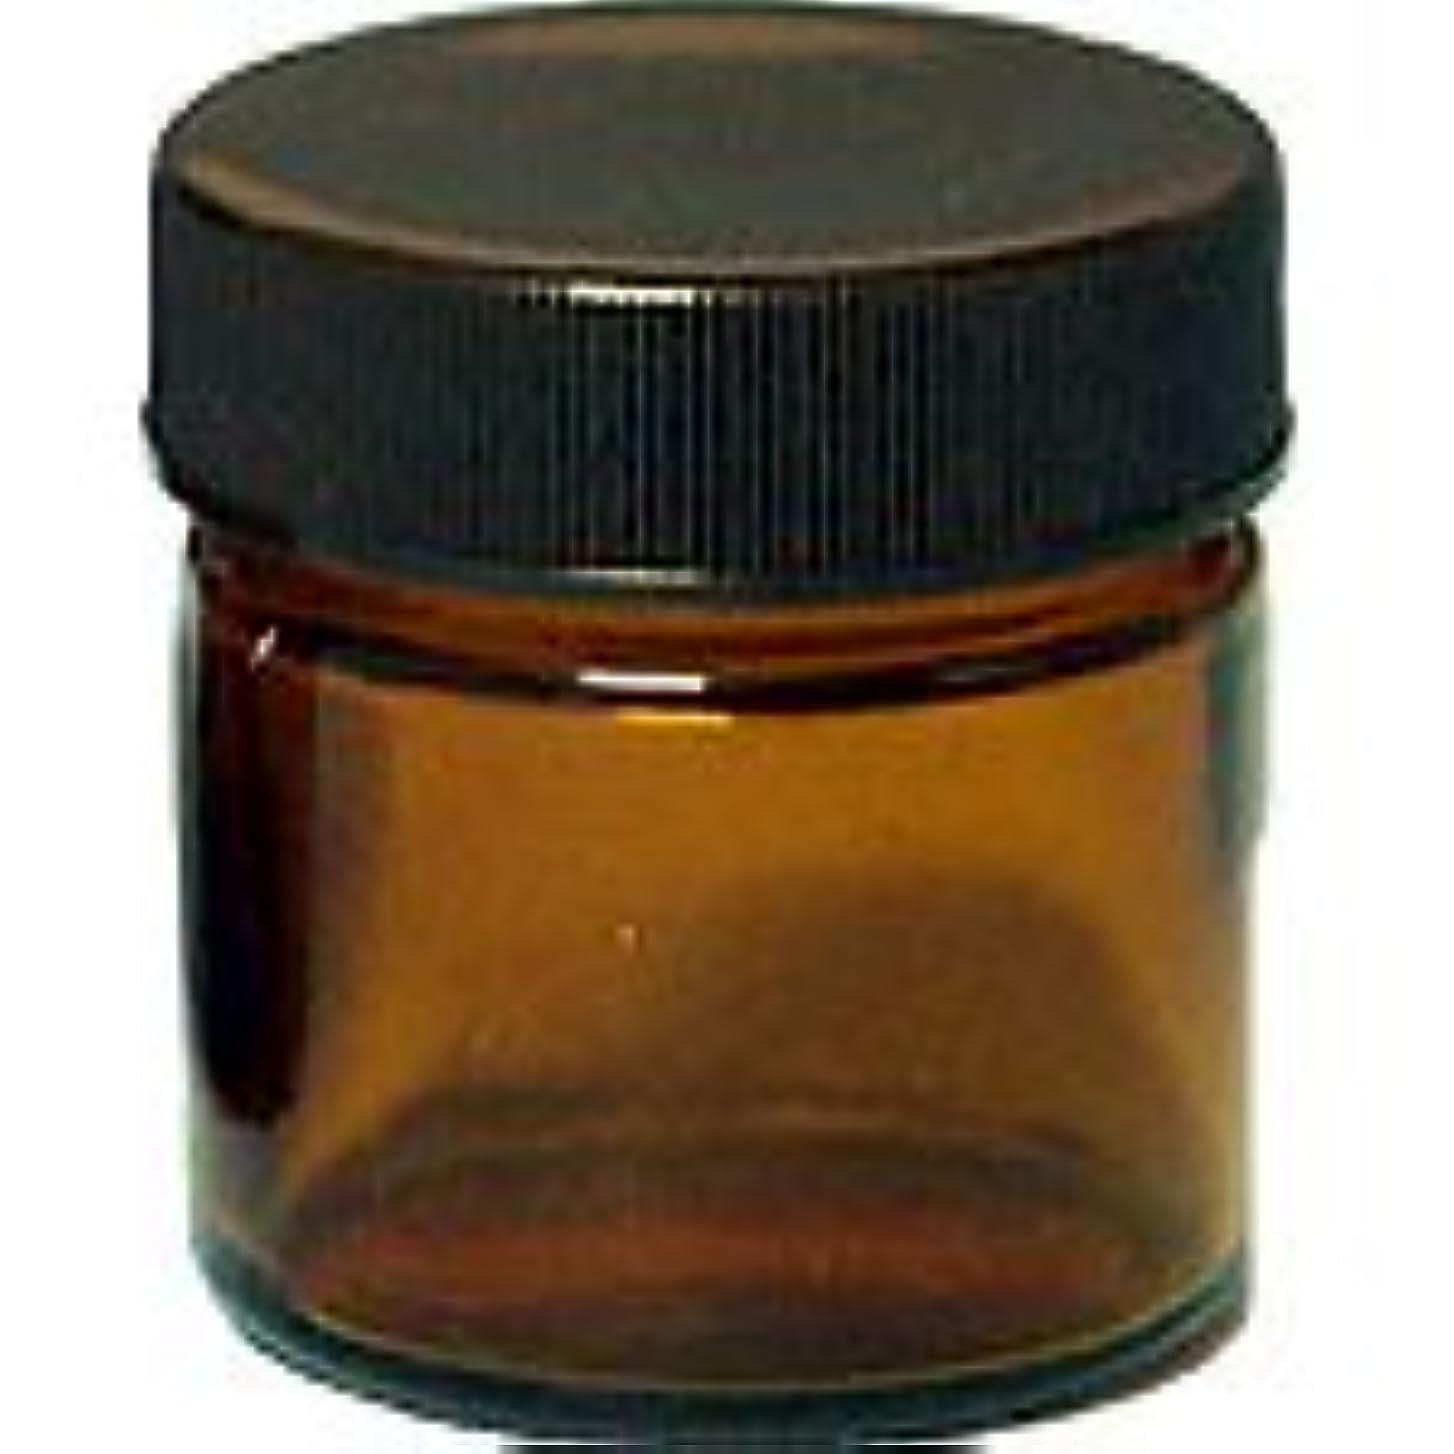 オプショナル主婦ミトン容器 茶色遮光ガラスクリーム容器 25mL×2個セット